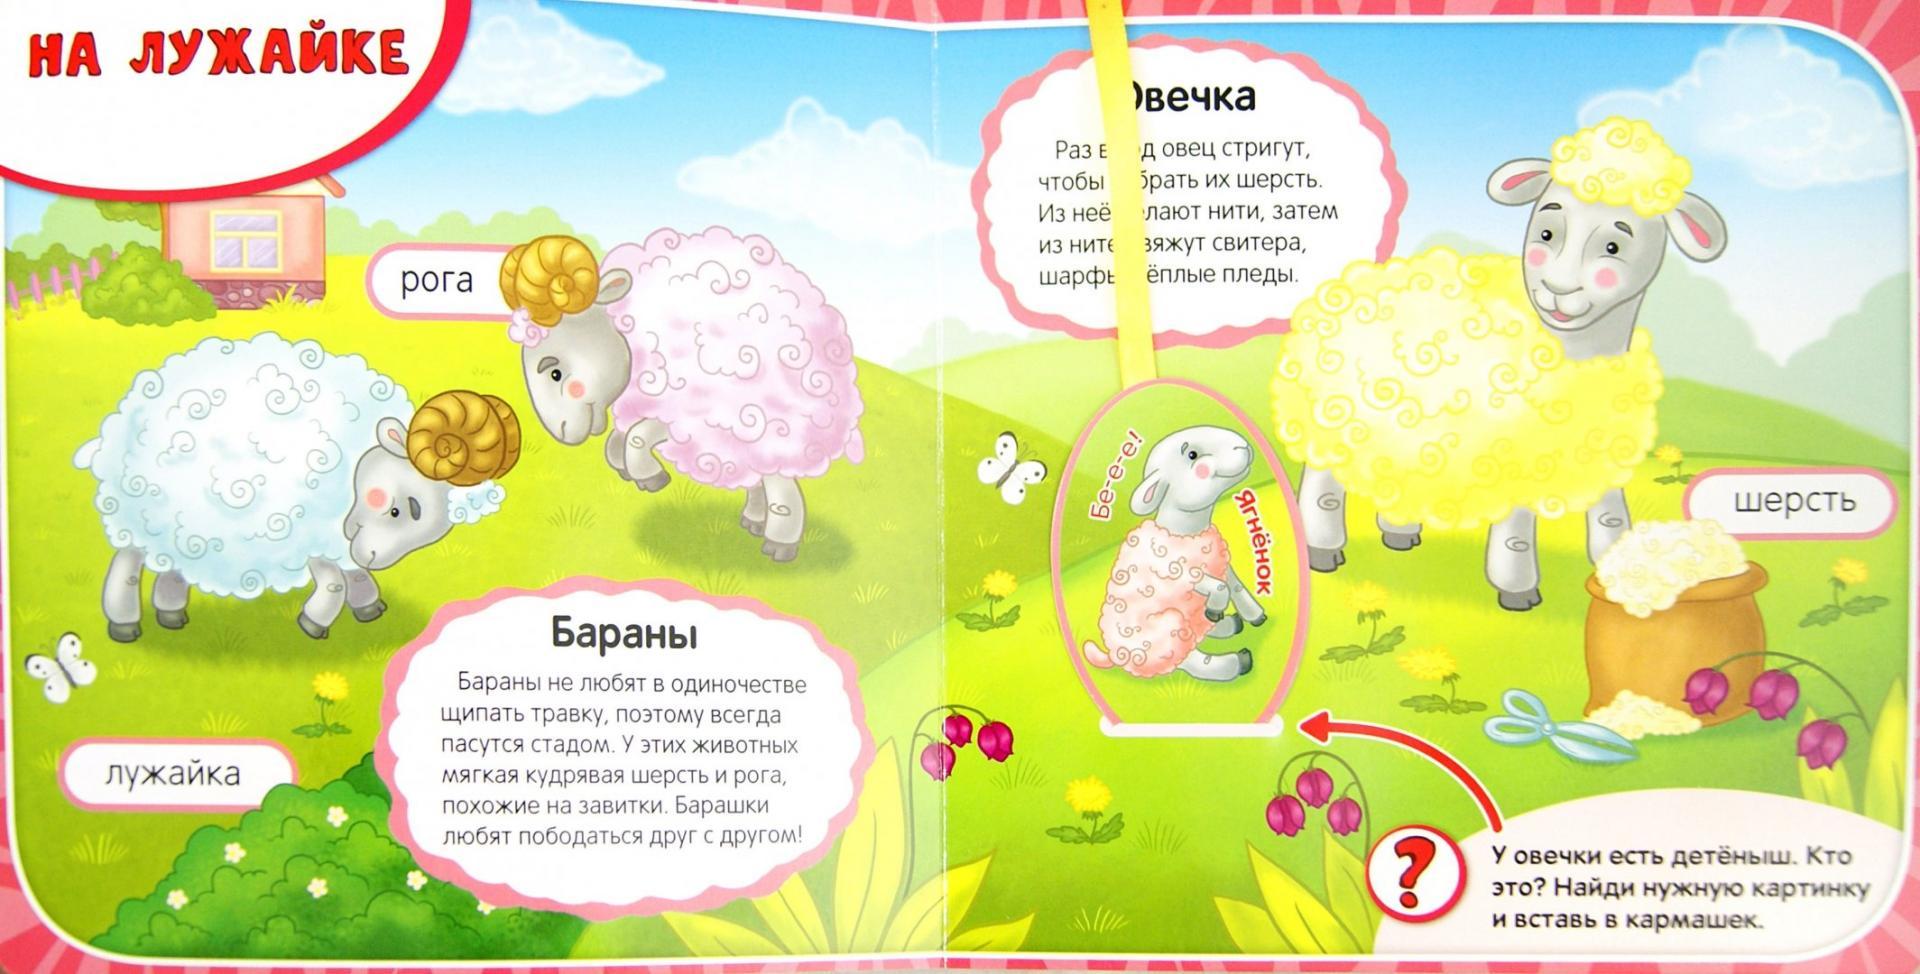 Иллюстрация 1 из 6 для Кто на ферме живет? - Елена Мирная | Лабиринт - книги. Источник: Лабиринт